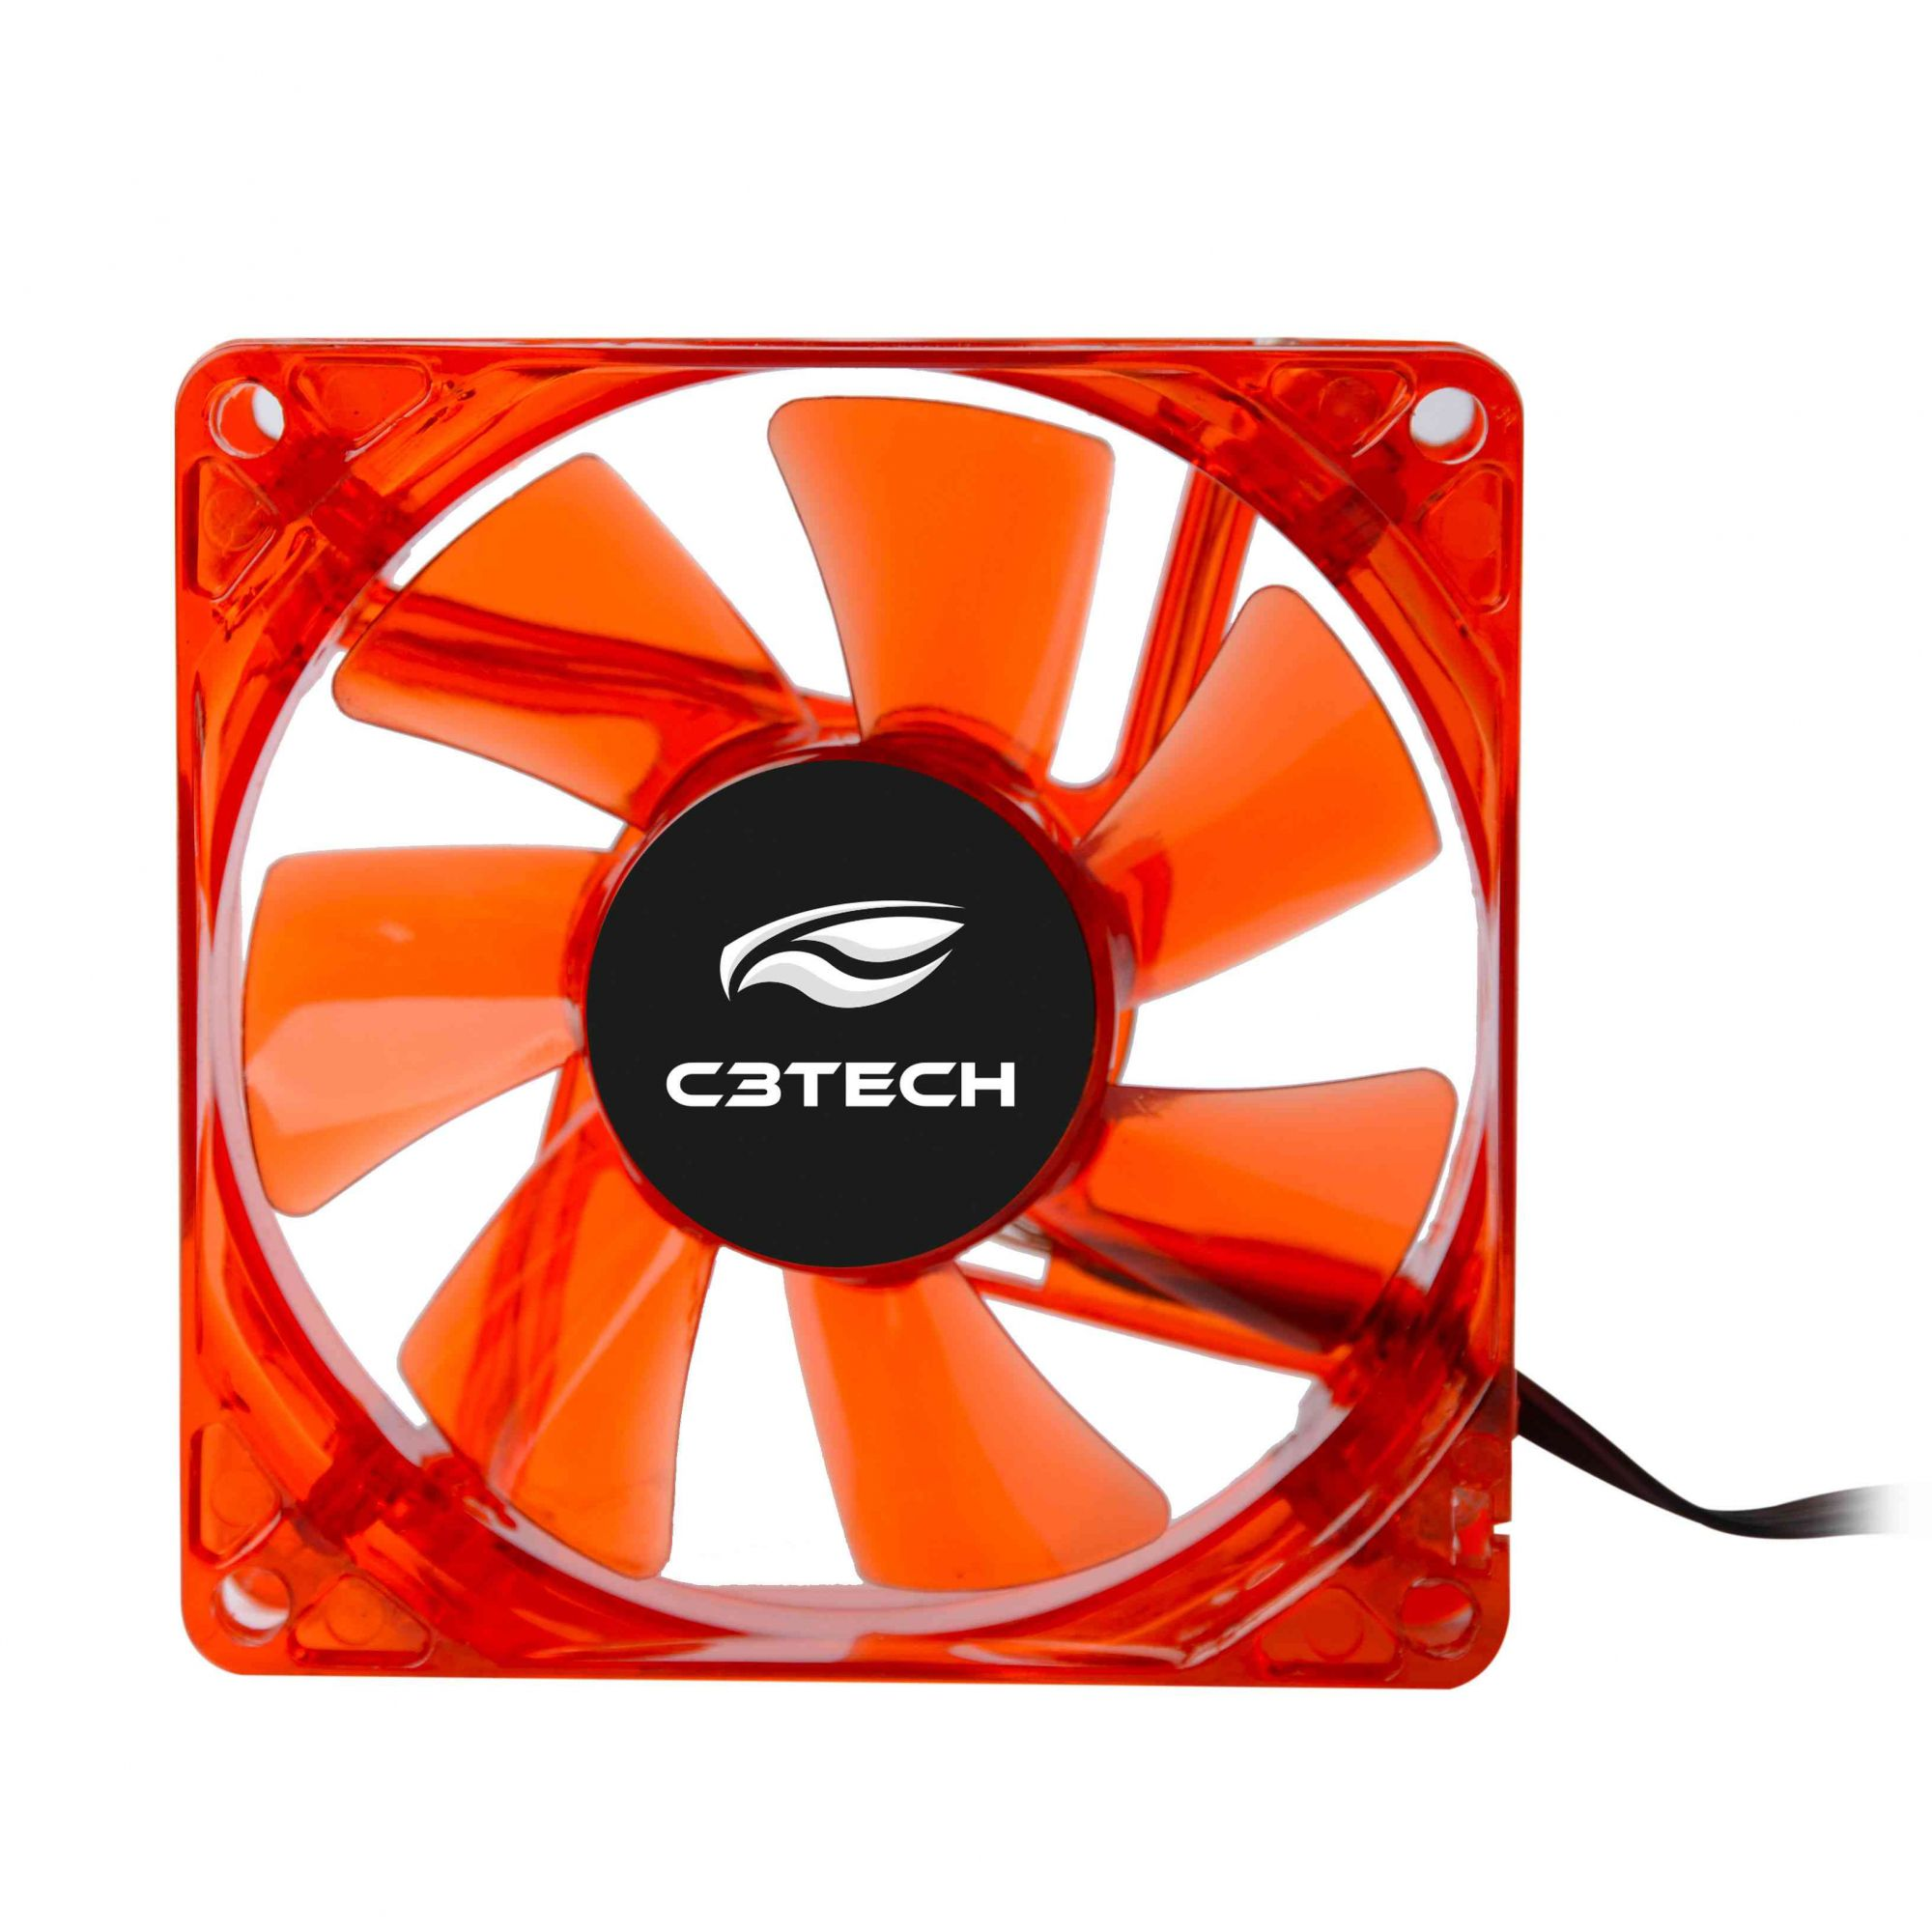 COOLER FAN 8cm F7-L50 STORM C/LED C3 TECH  - Express Informática